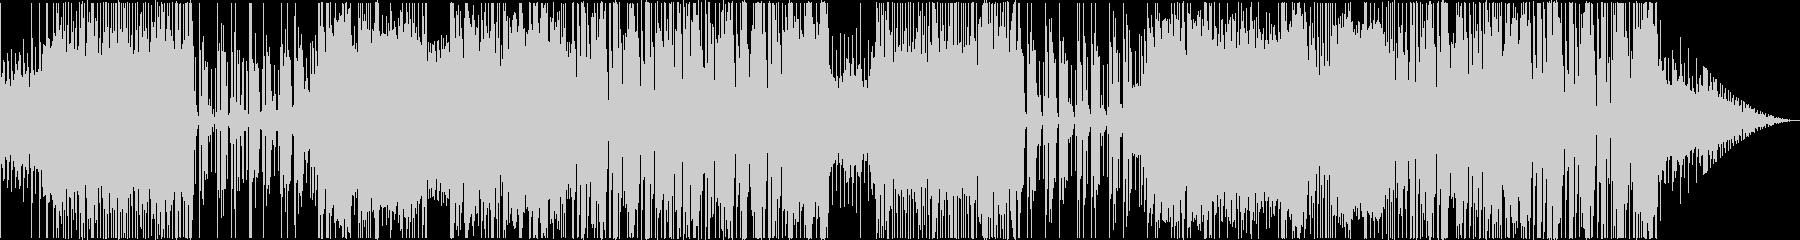 スラップベースが特徴的なファンキーな曲の未再生の波形